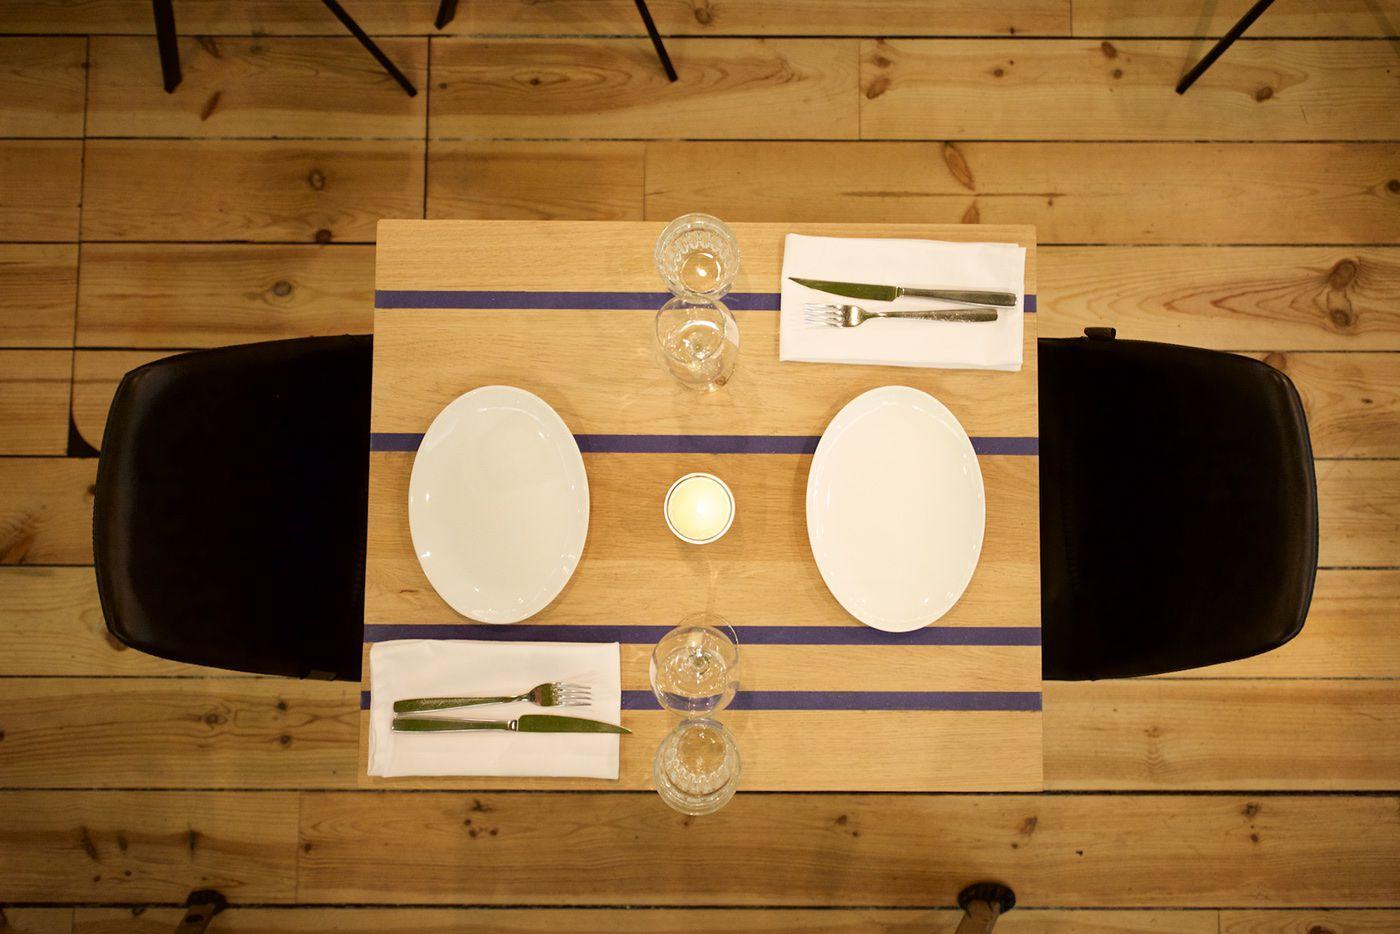 Restaurant Floreyn interior view